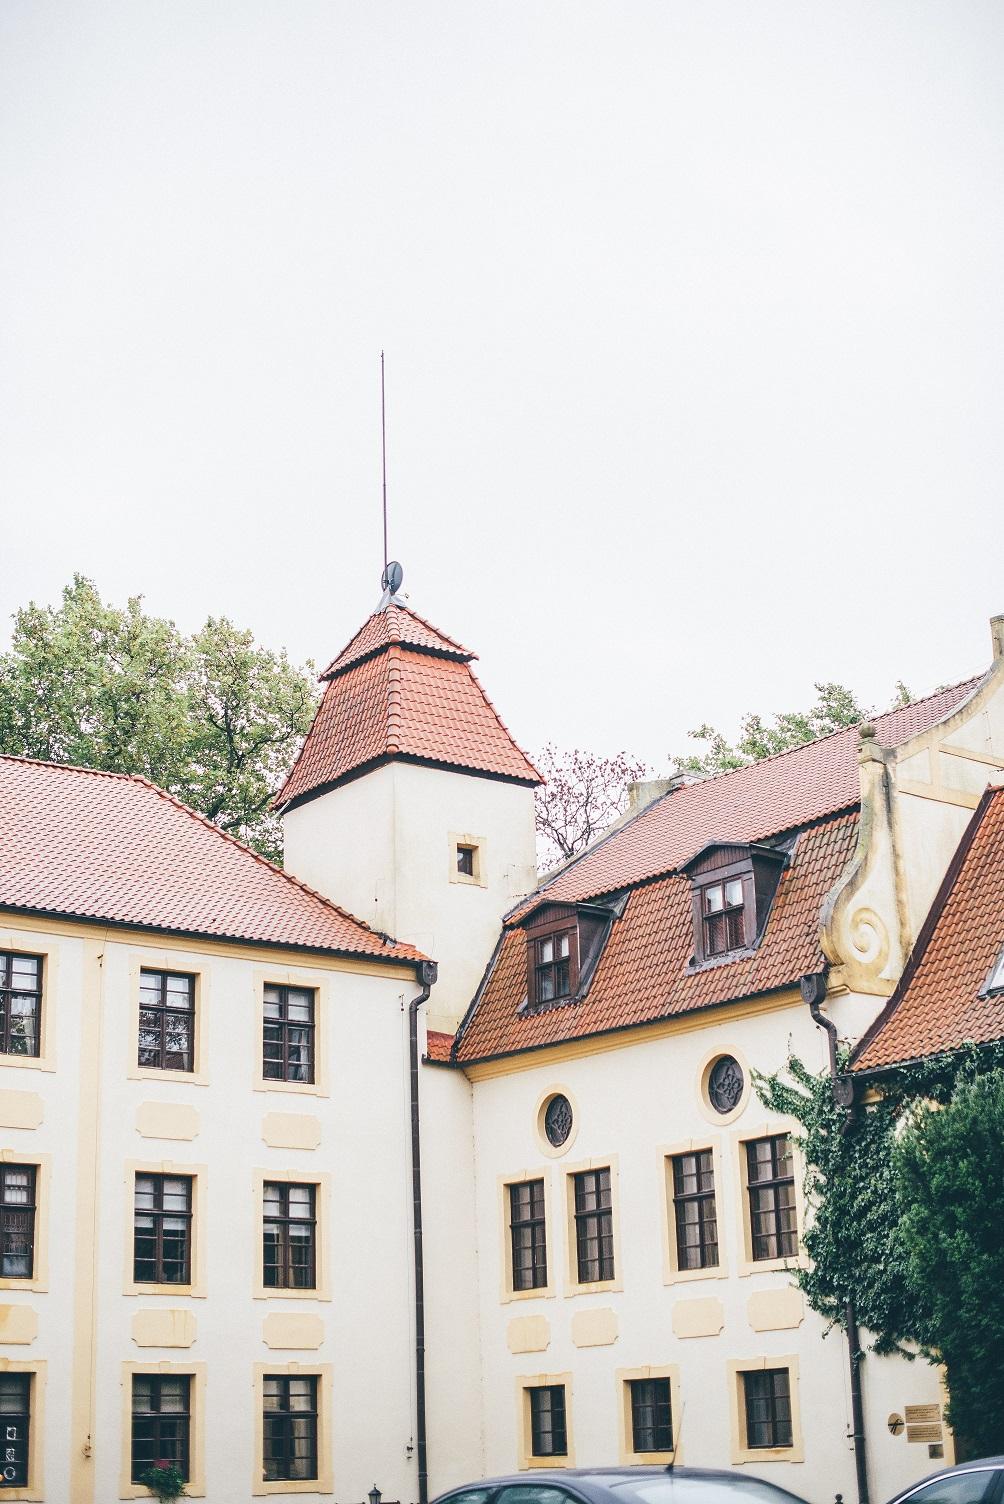 Zamek Krokowa 24 1 - Cuisine of the castle in Krokowa